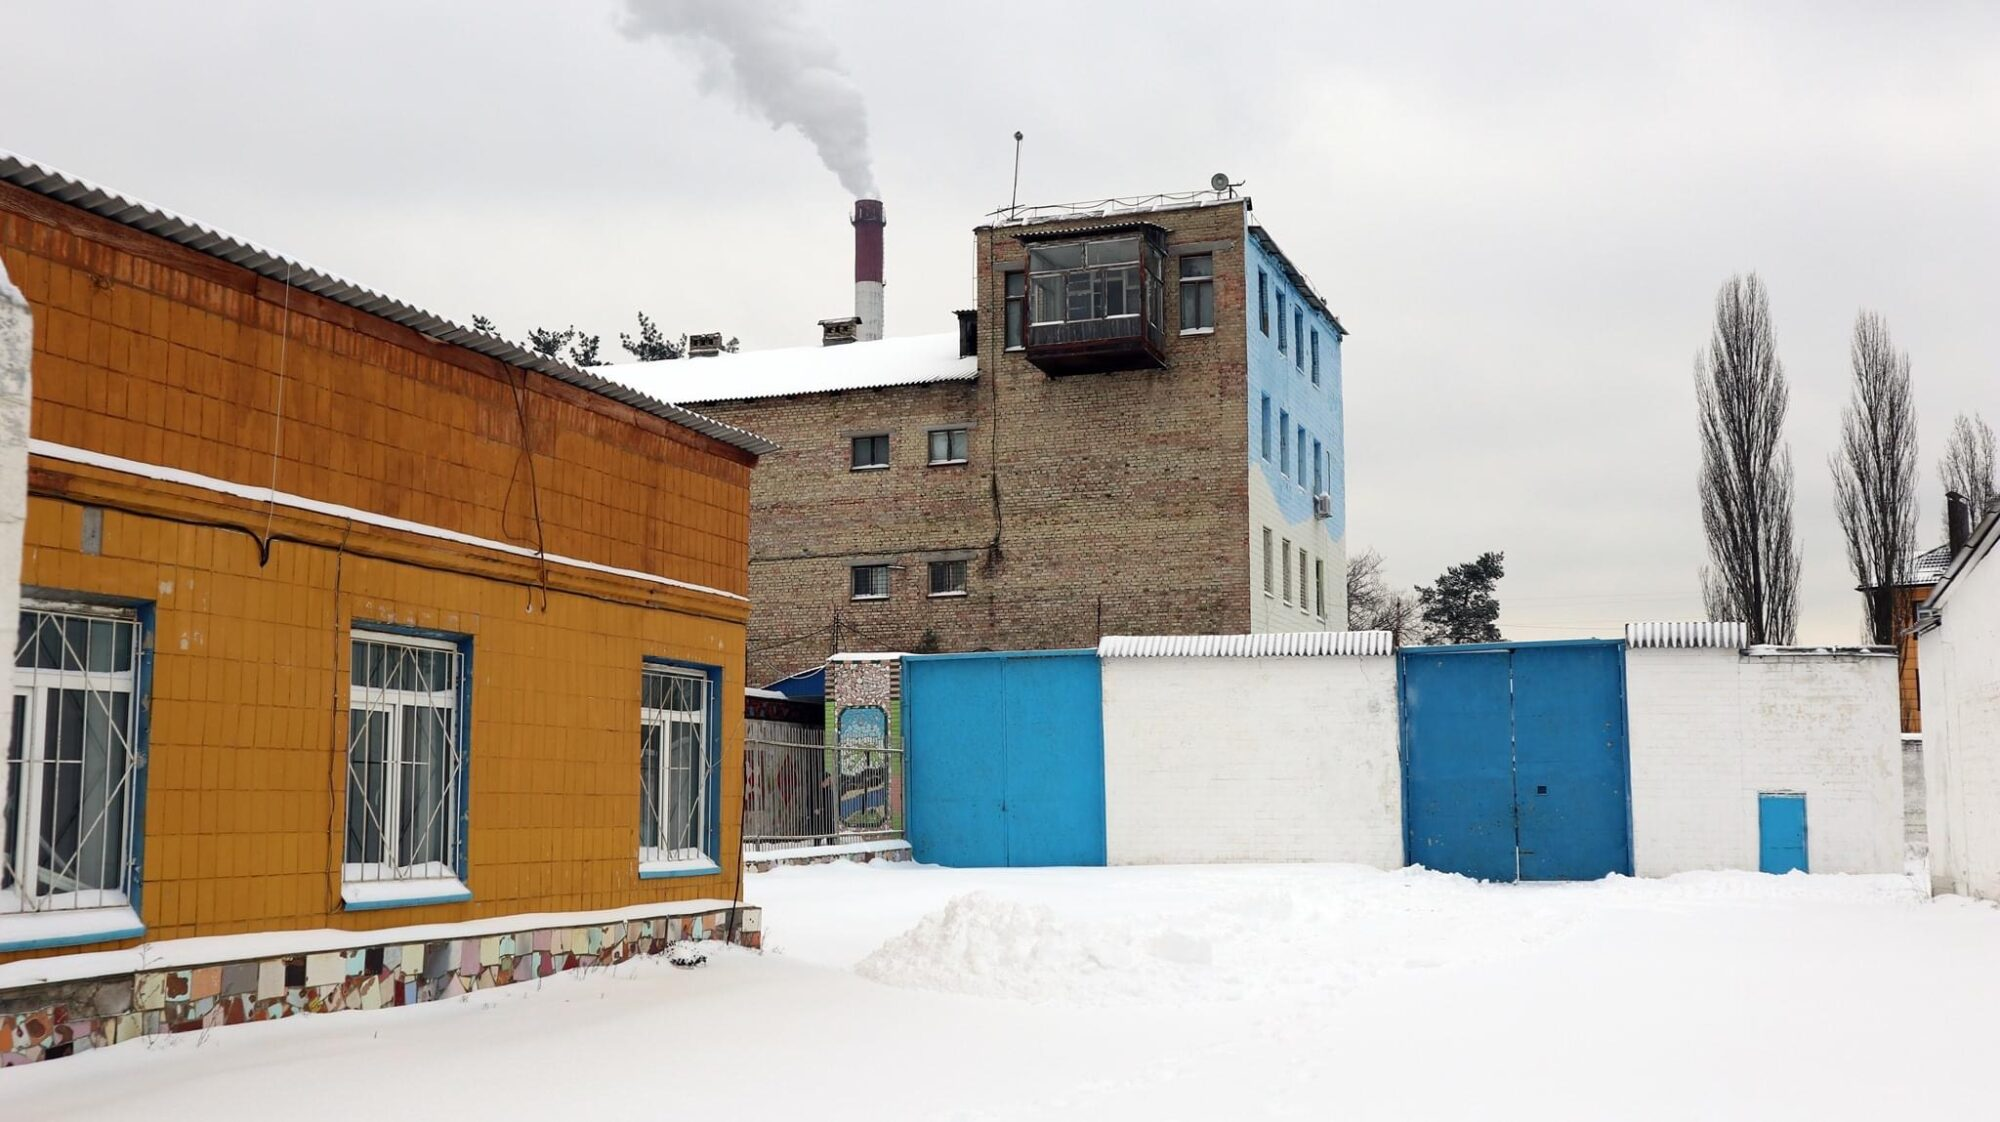 «Перший пішов»: за 220 млн грн продають Ірпінський виправний центр - розпродаж, Малюська, Ірпінський виправний центр, в'язниця, Аукціон - 421c7467 44f1 4dad 8325 a83ca4daf479 2000x1122